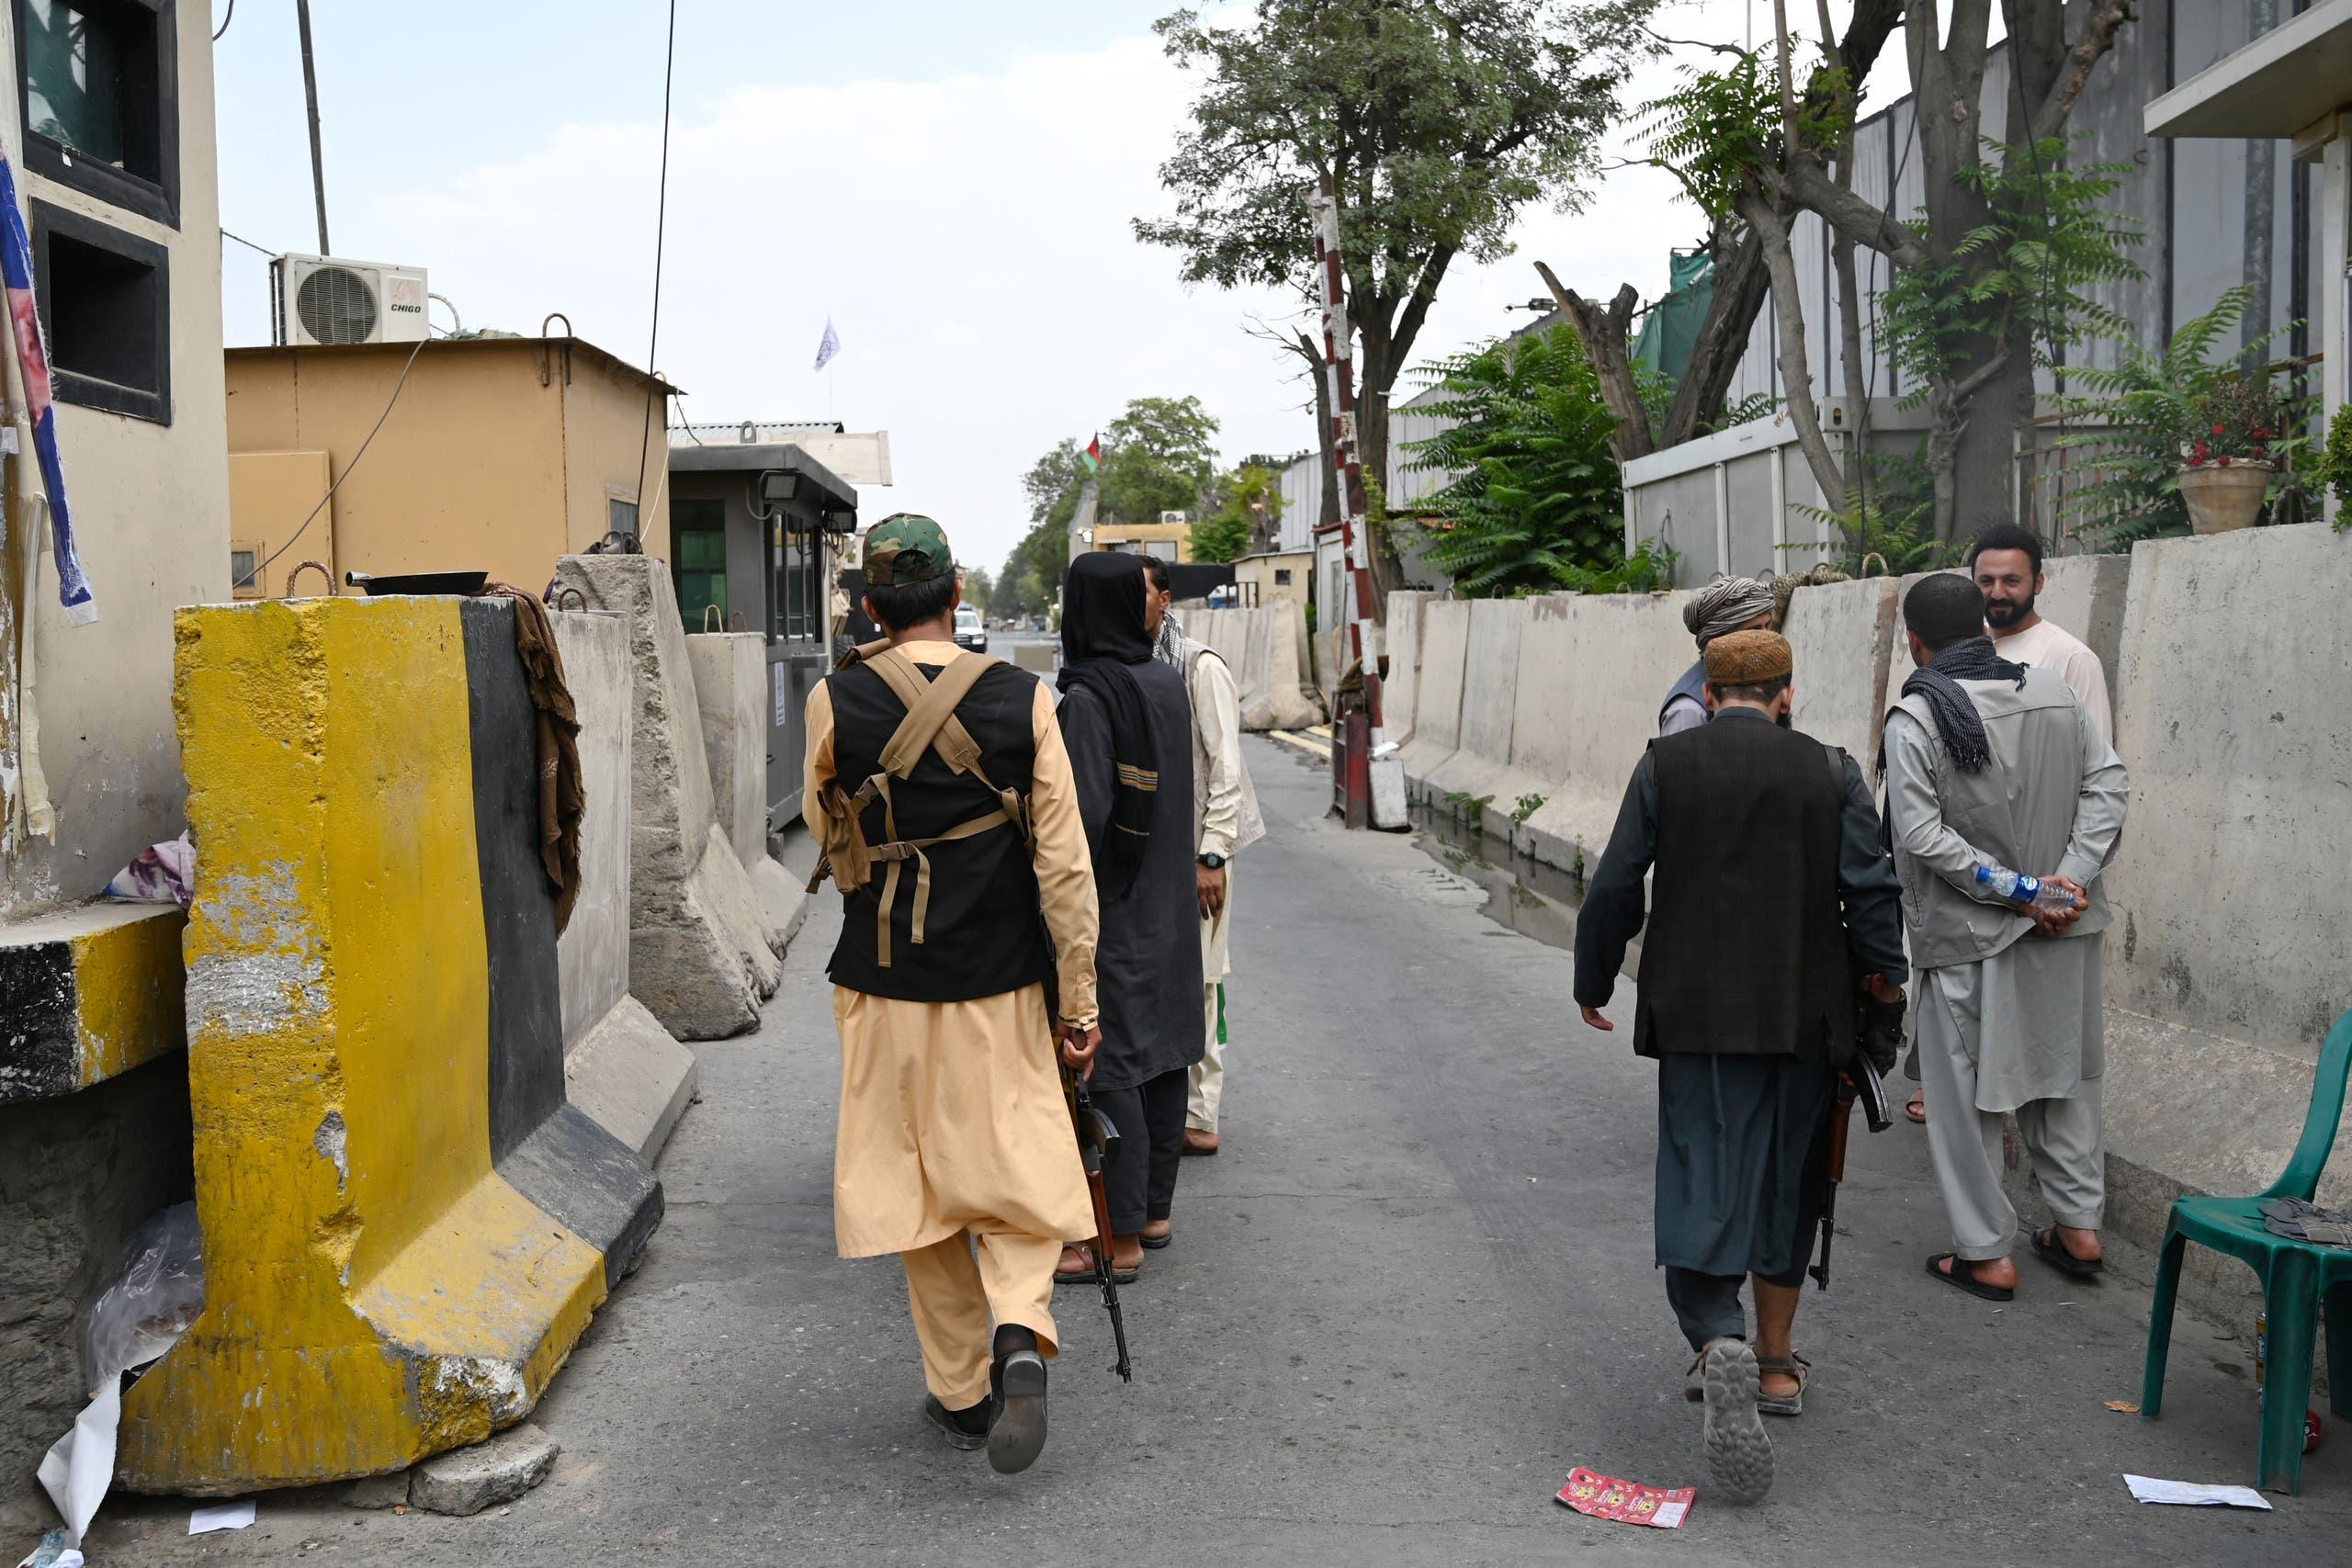 دورية لعناصر من طالبان في كابل اليوم